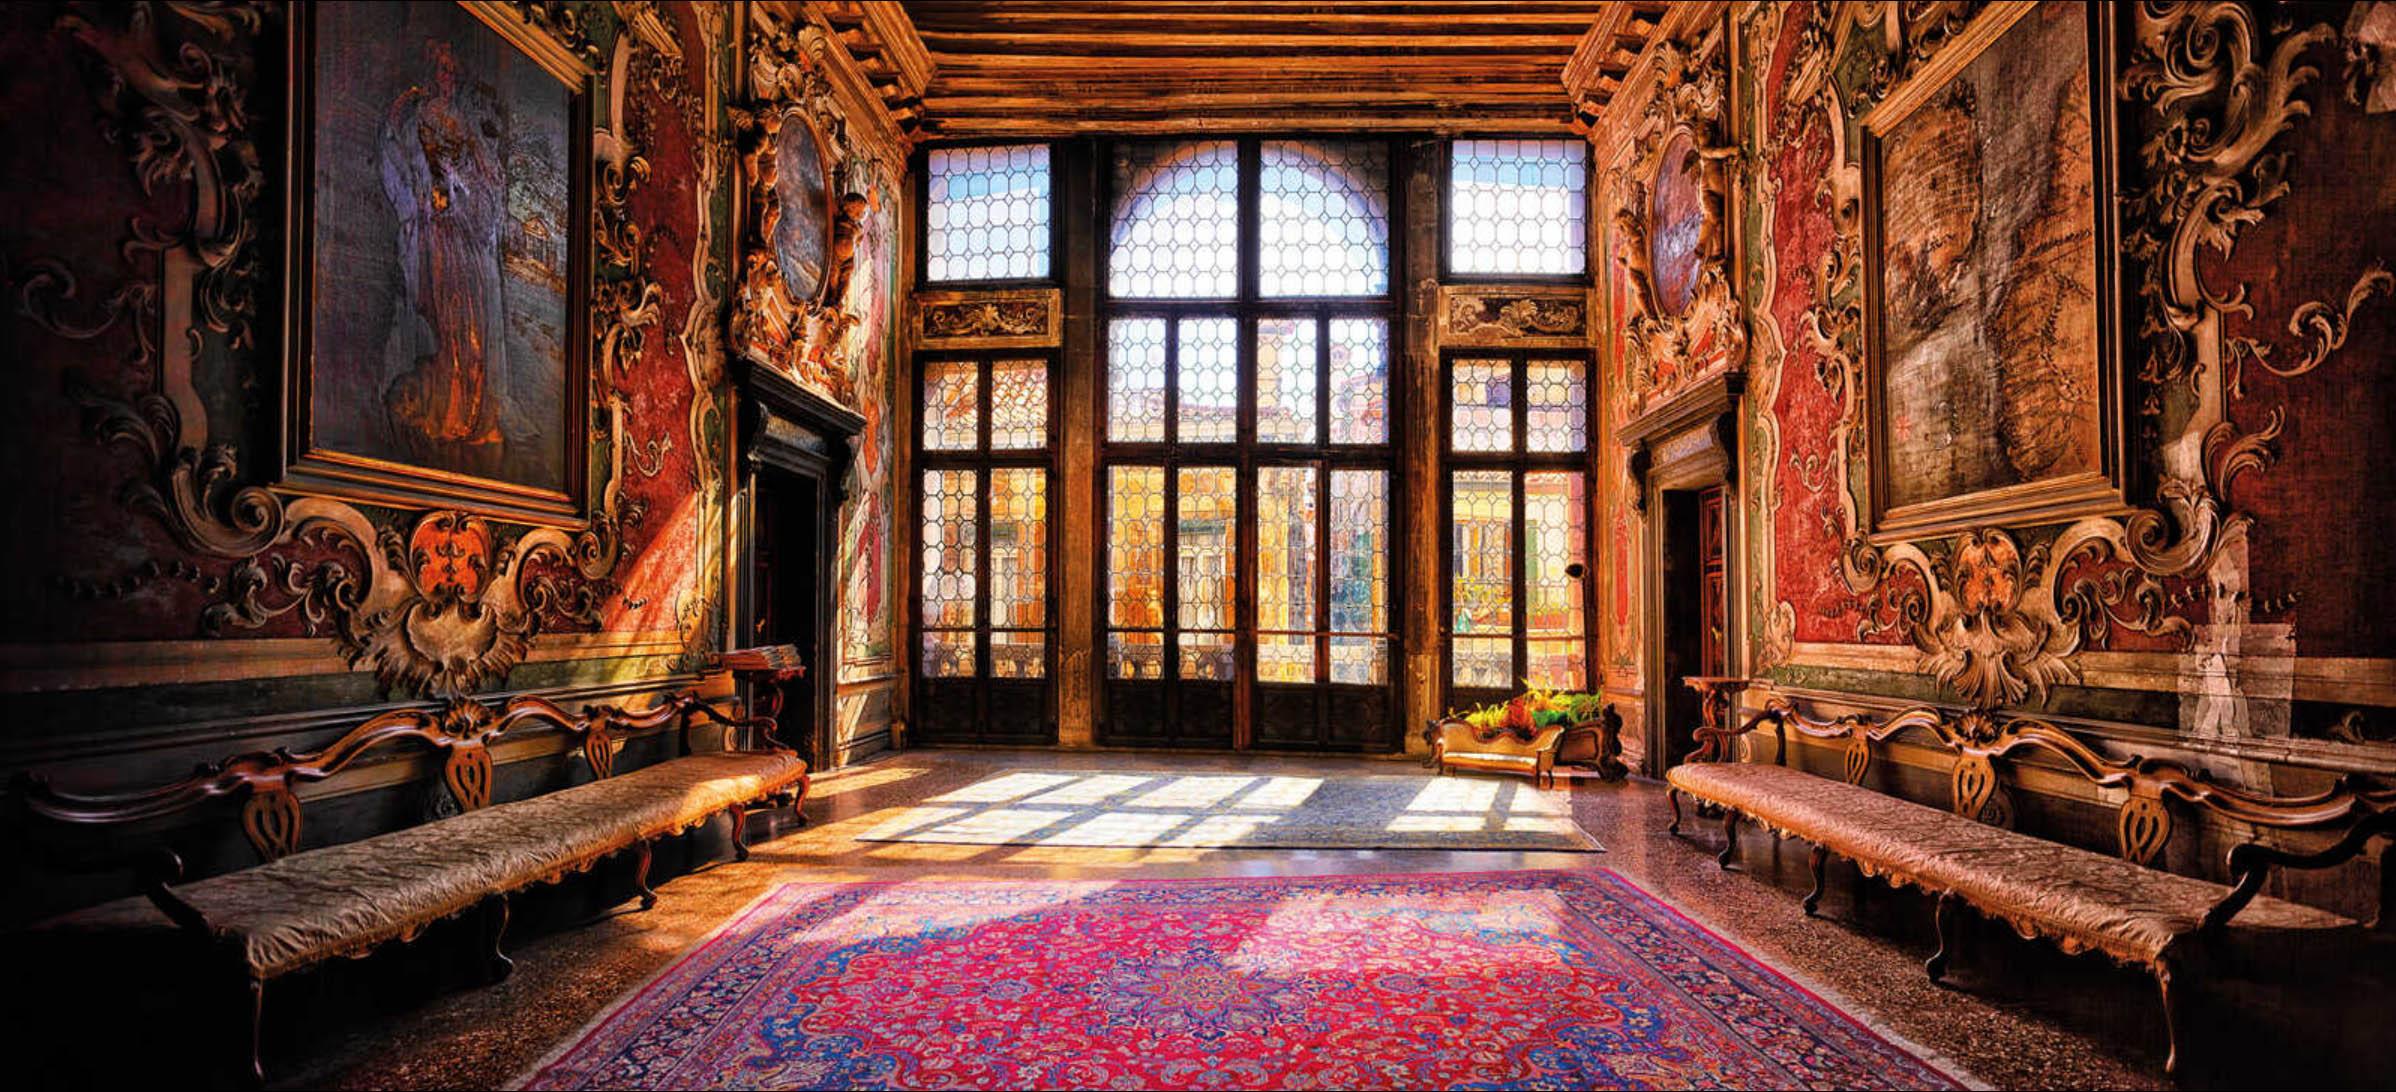 Палацо Алвизе от Вернер Павлок - Еднодневна обиколка на Венеция